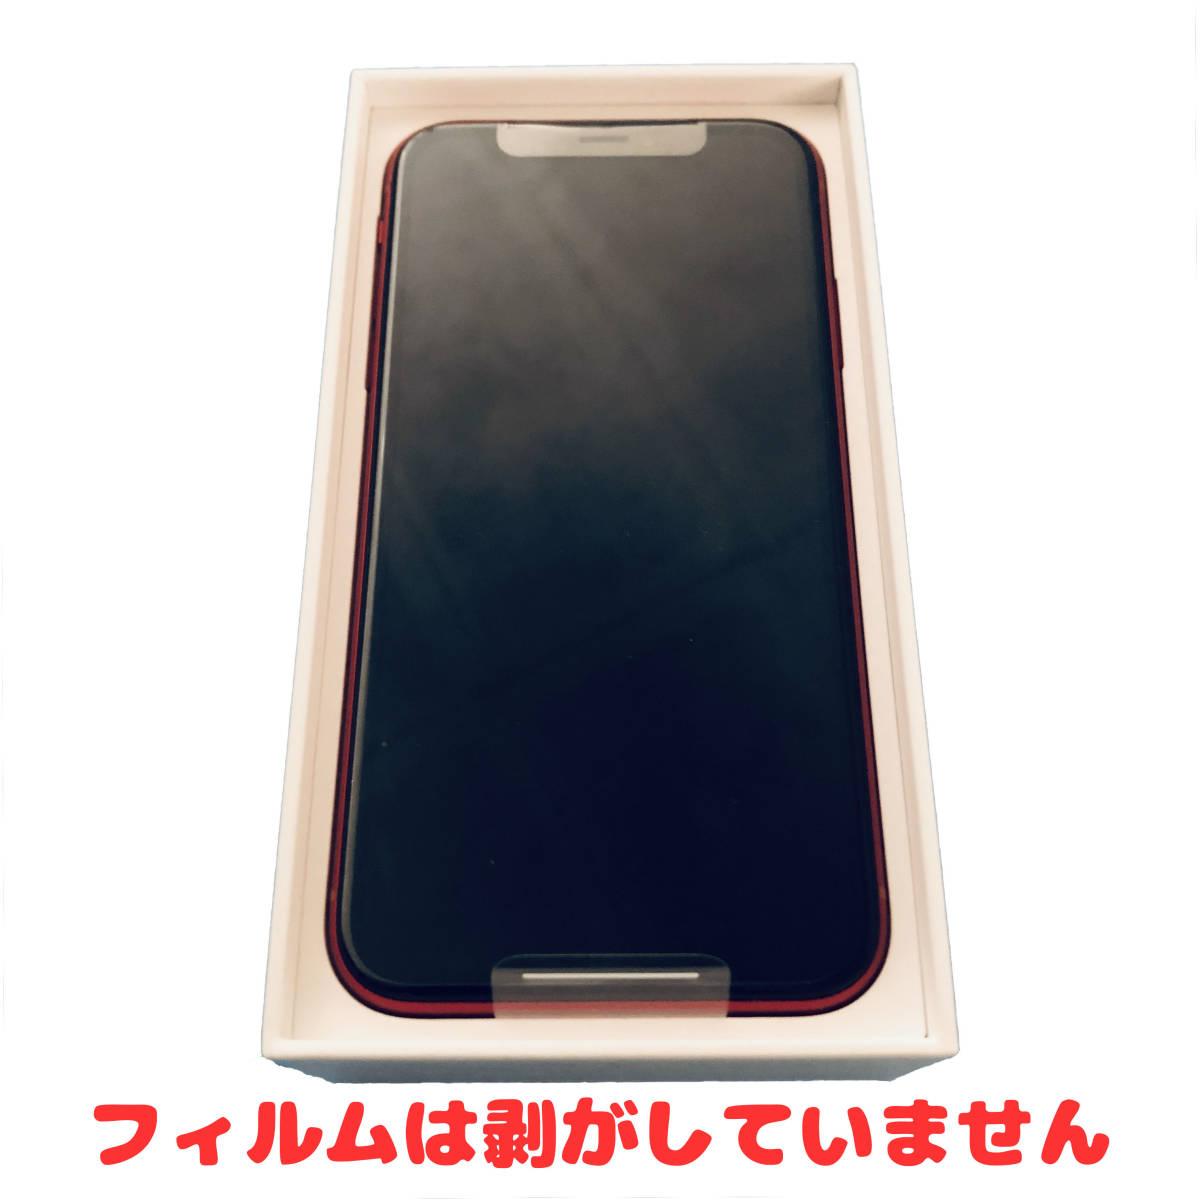 【保証有】iPhone XR 64GB レッド(RED)赤 本体 SIMロック解除済 1円~売切 新品未使用 判定○_画像2